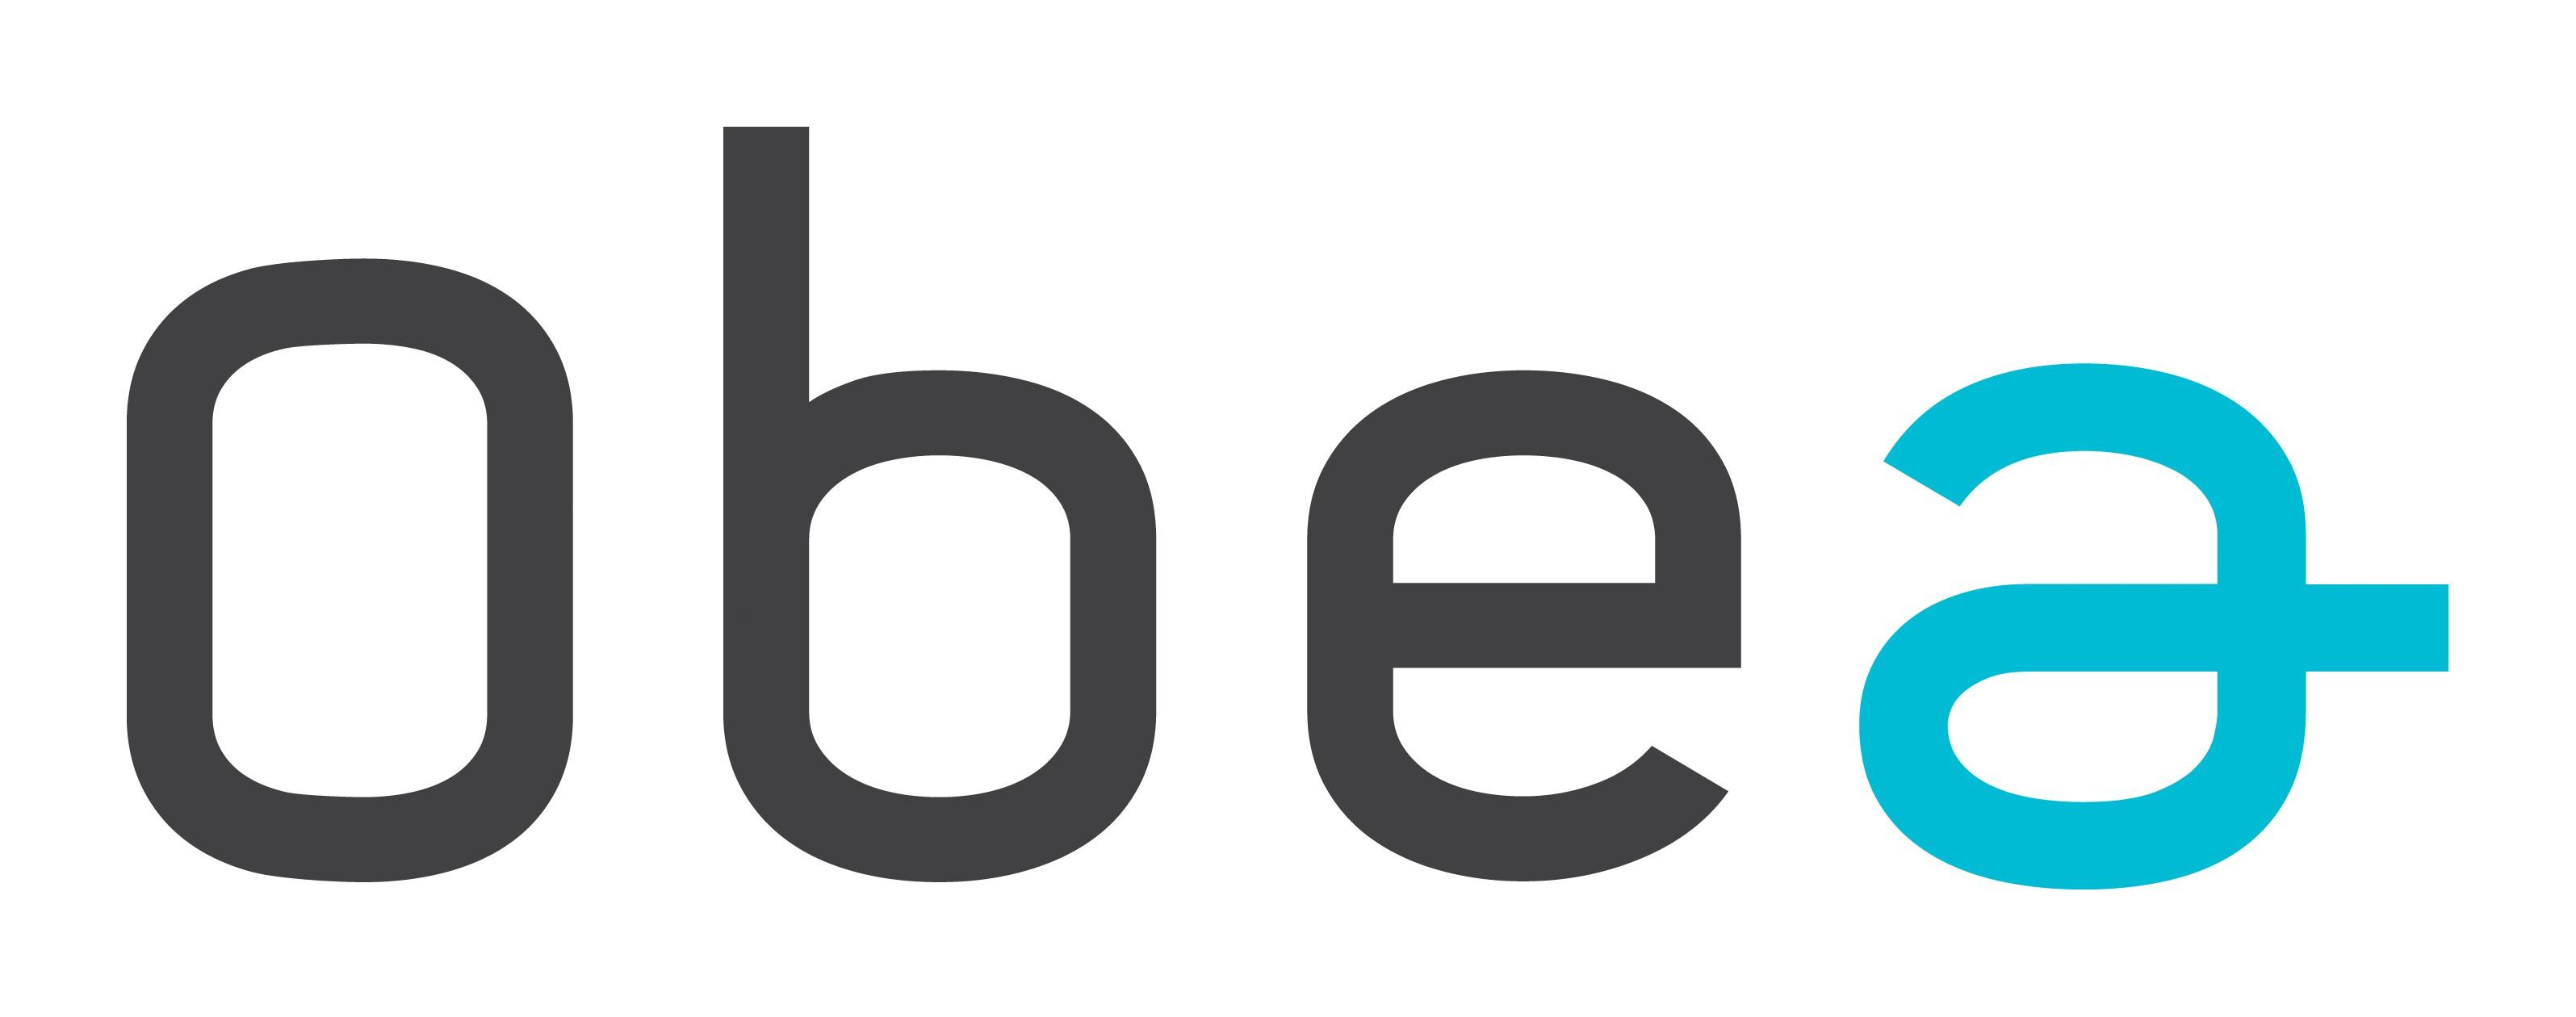 Les webinars Obea